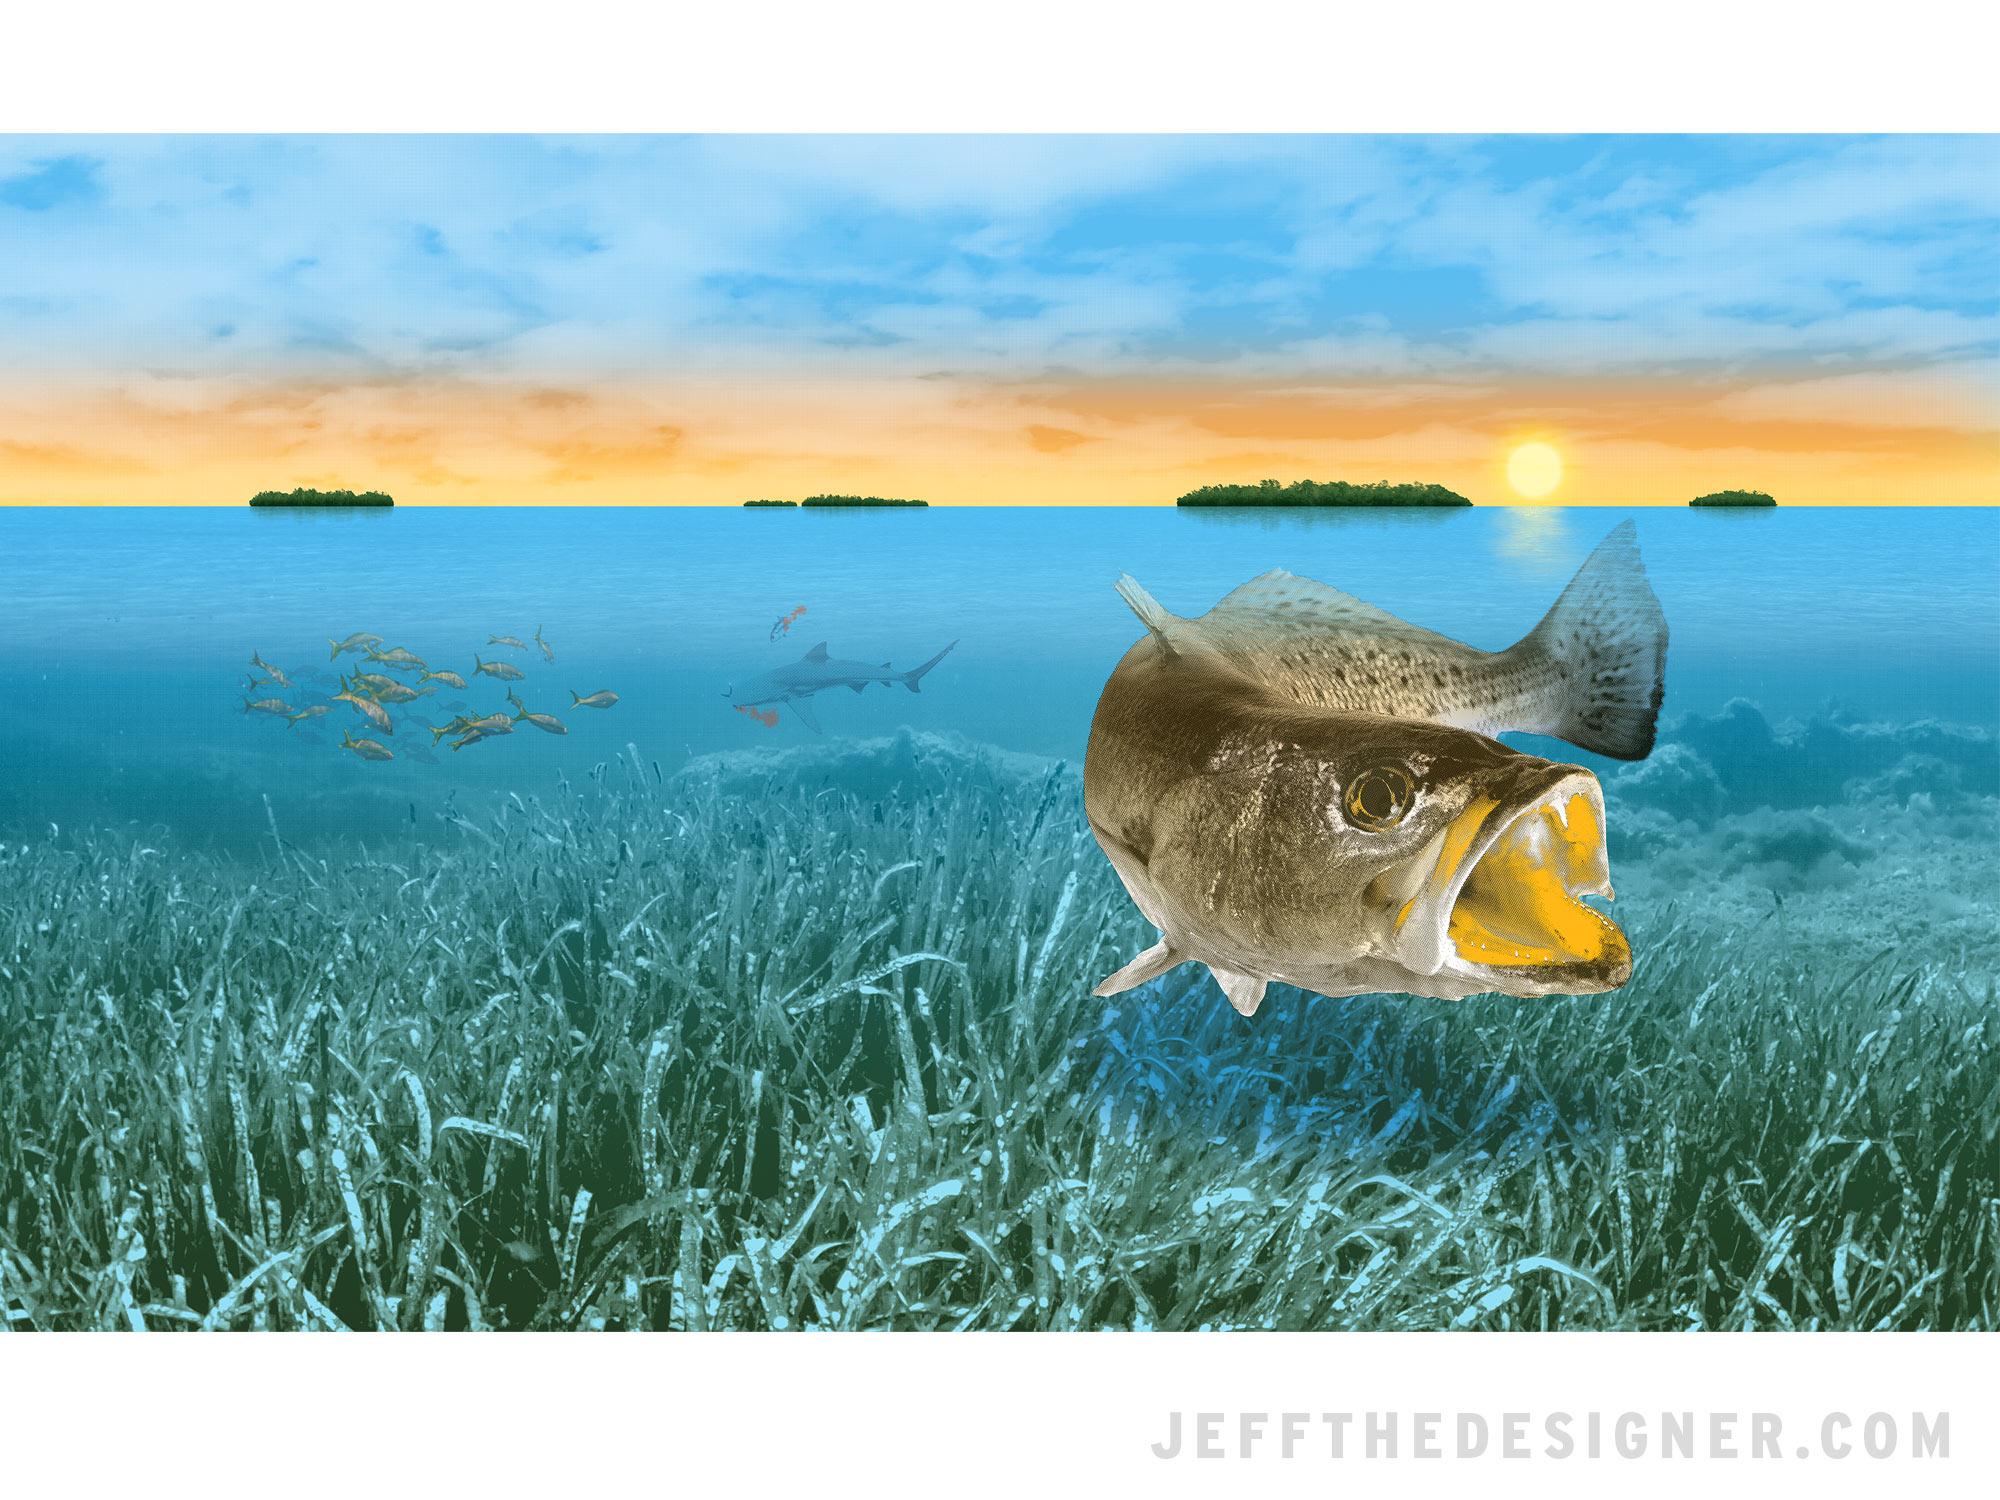 Speckled Trout Fishing Shirt Illustration - jeffthedesigner.com